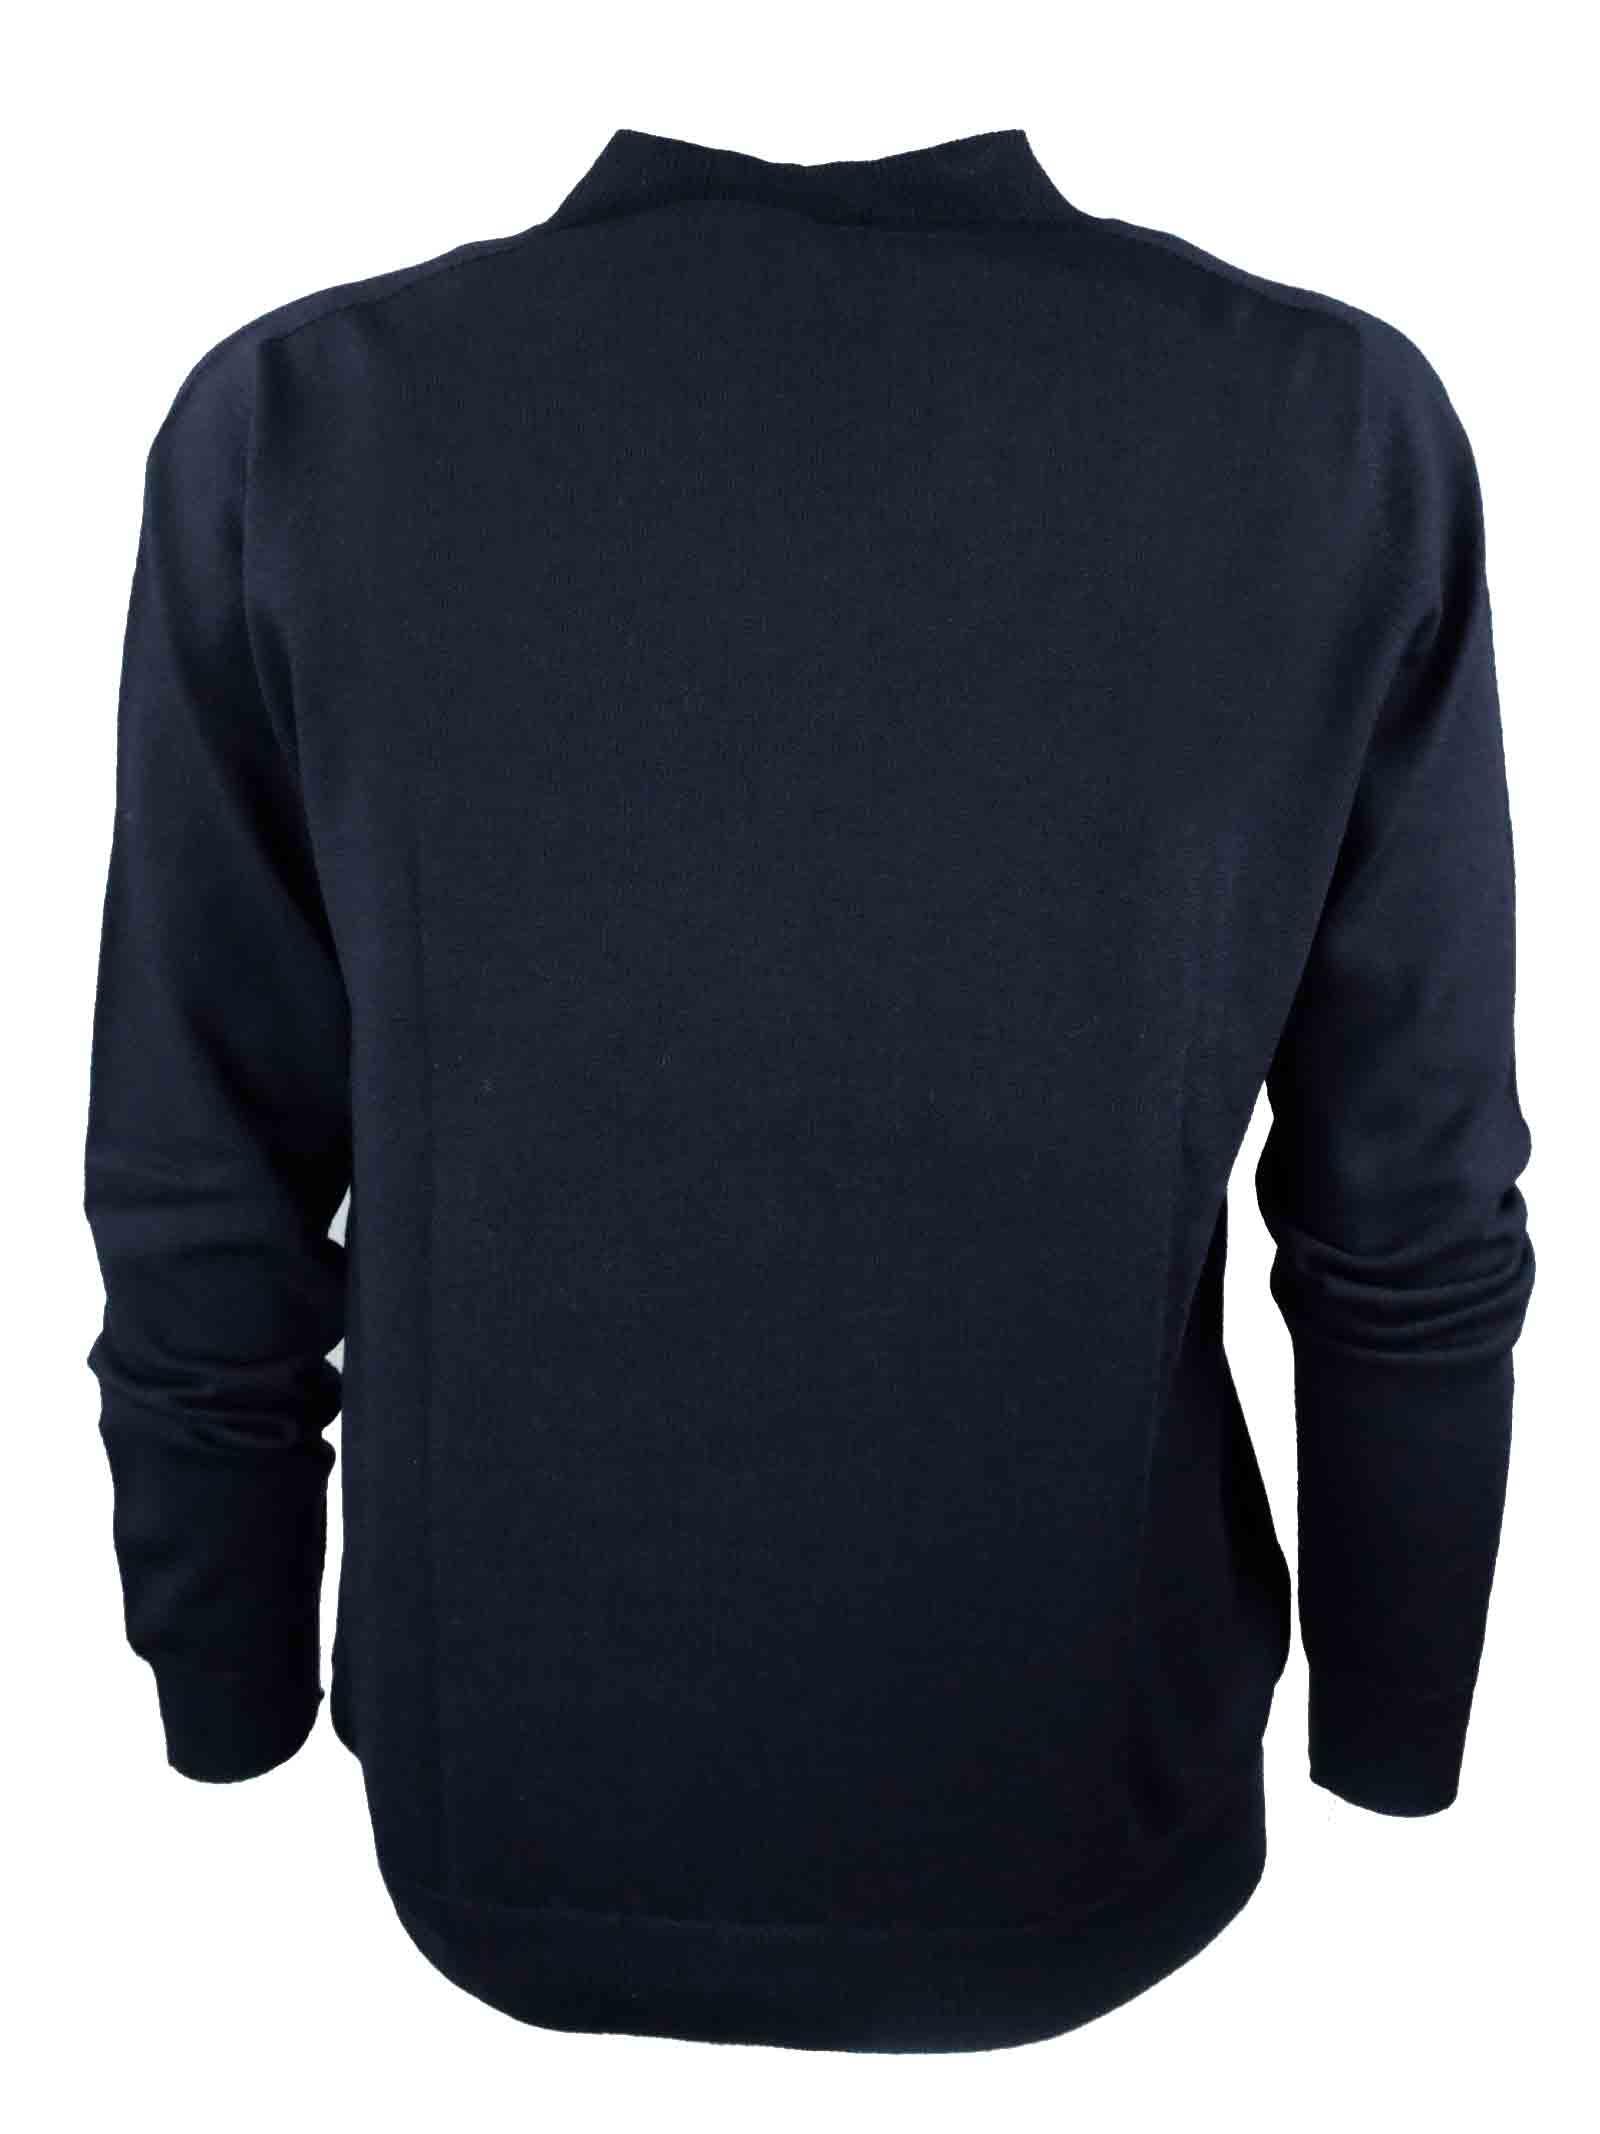 H953 | Knitwear | 298090